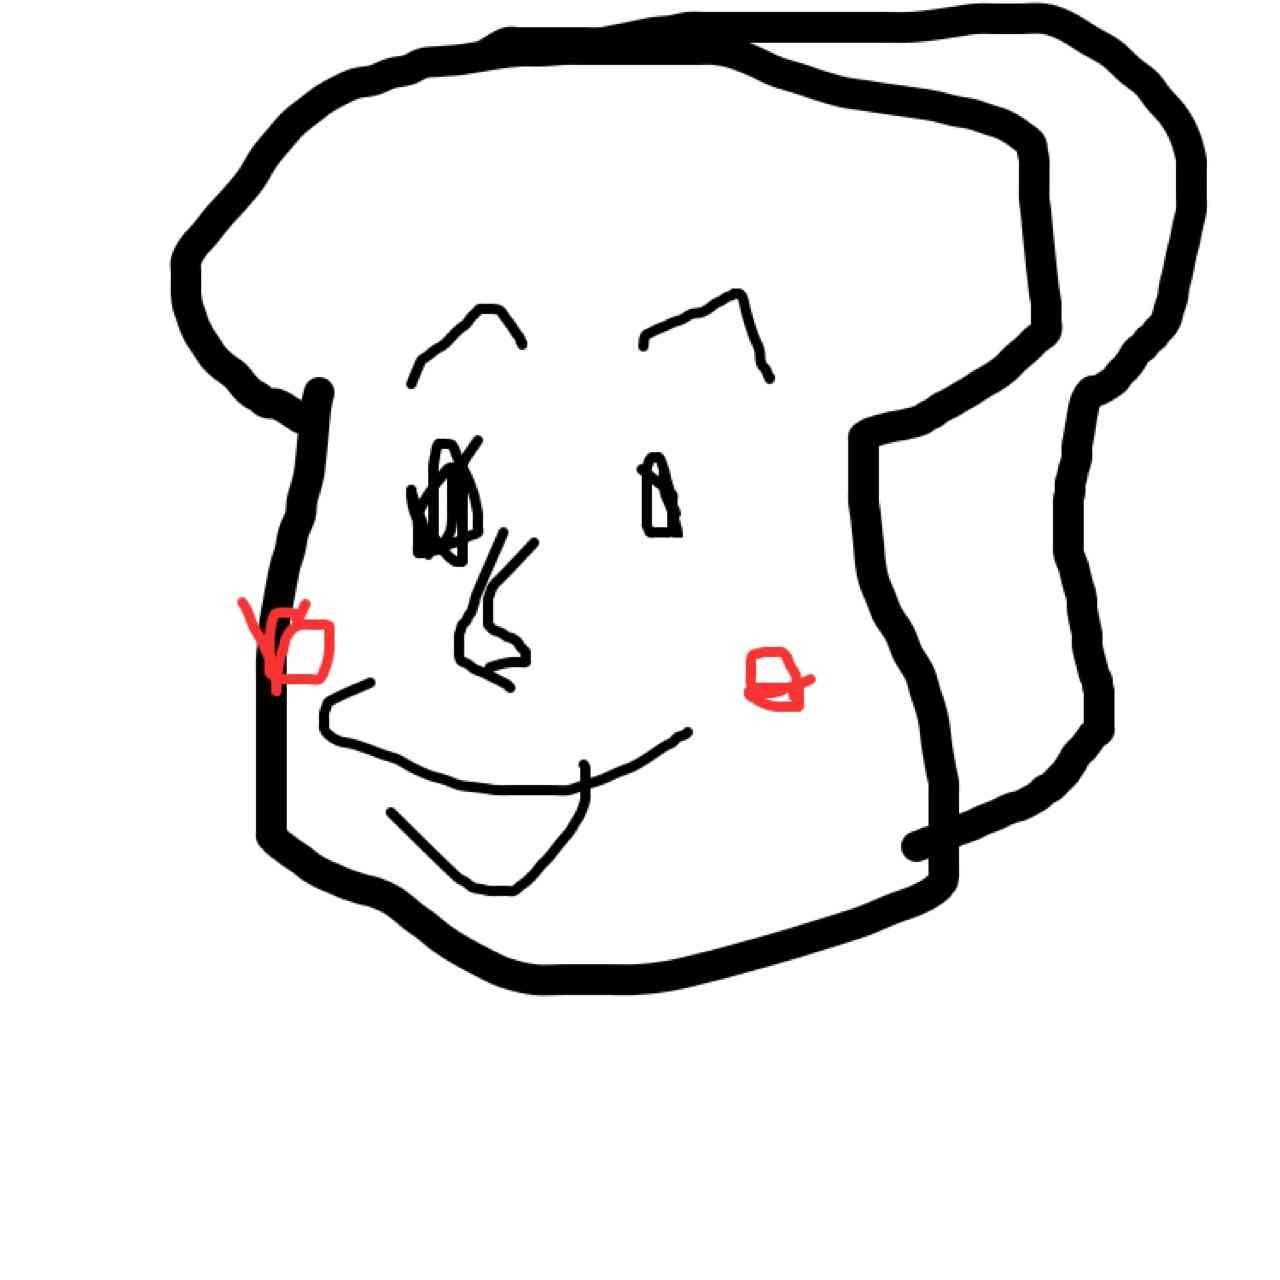 【お絵かき】利き手じゃない方の手で絵を描くトピ